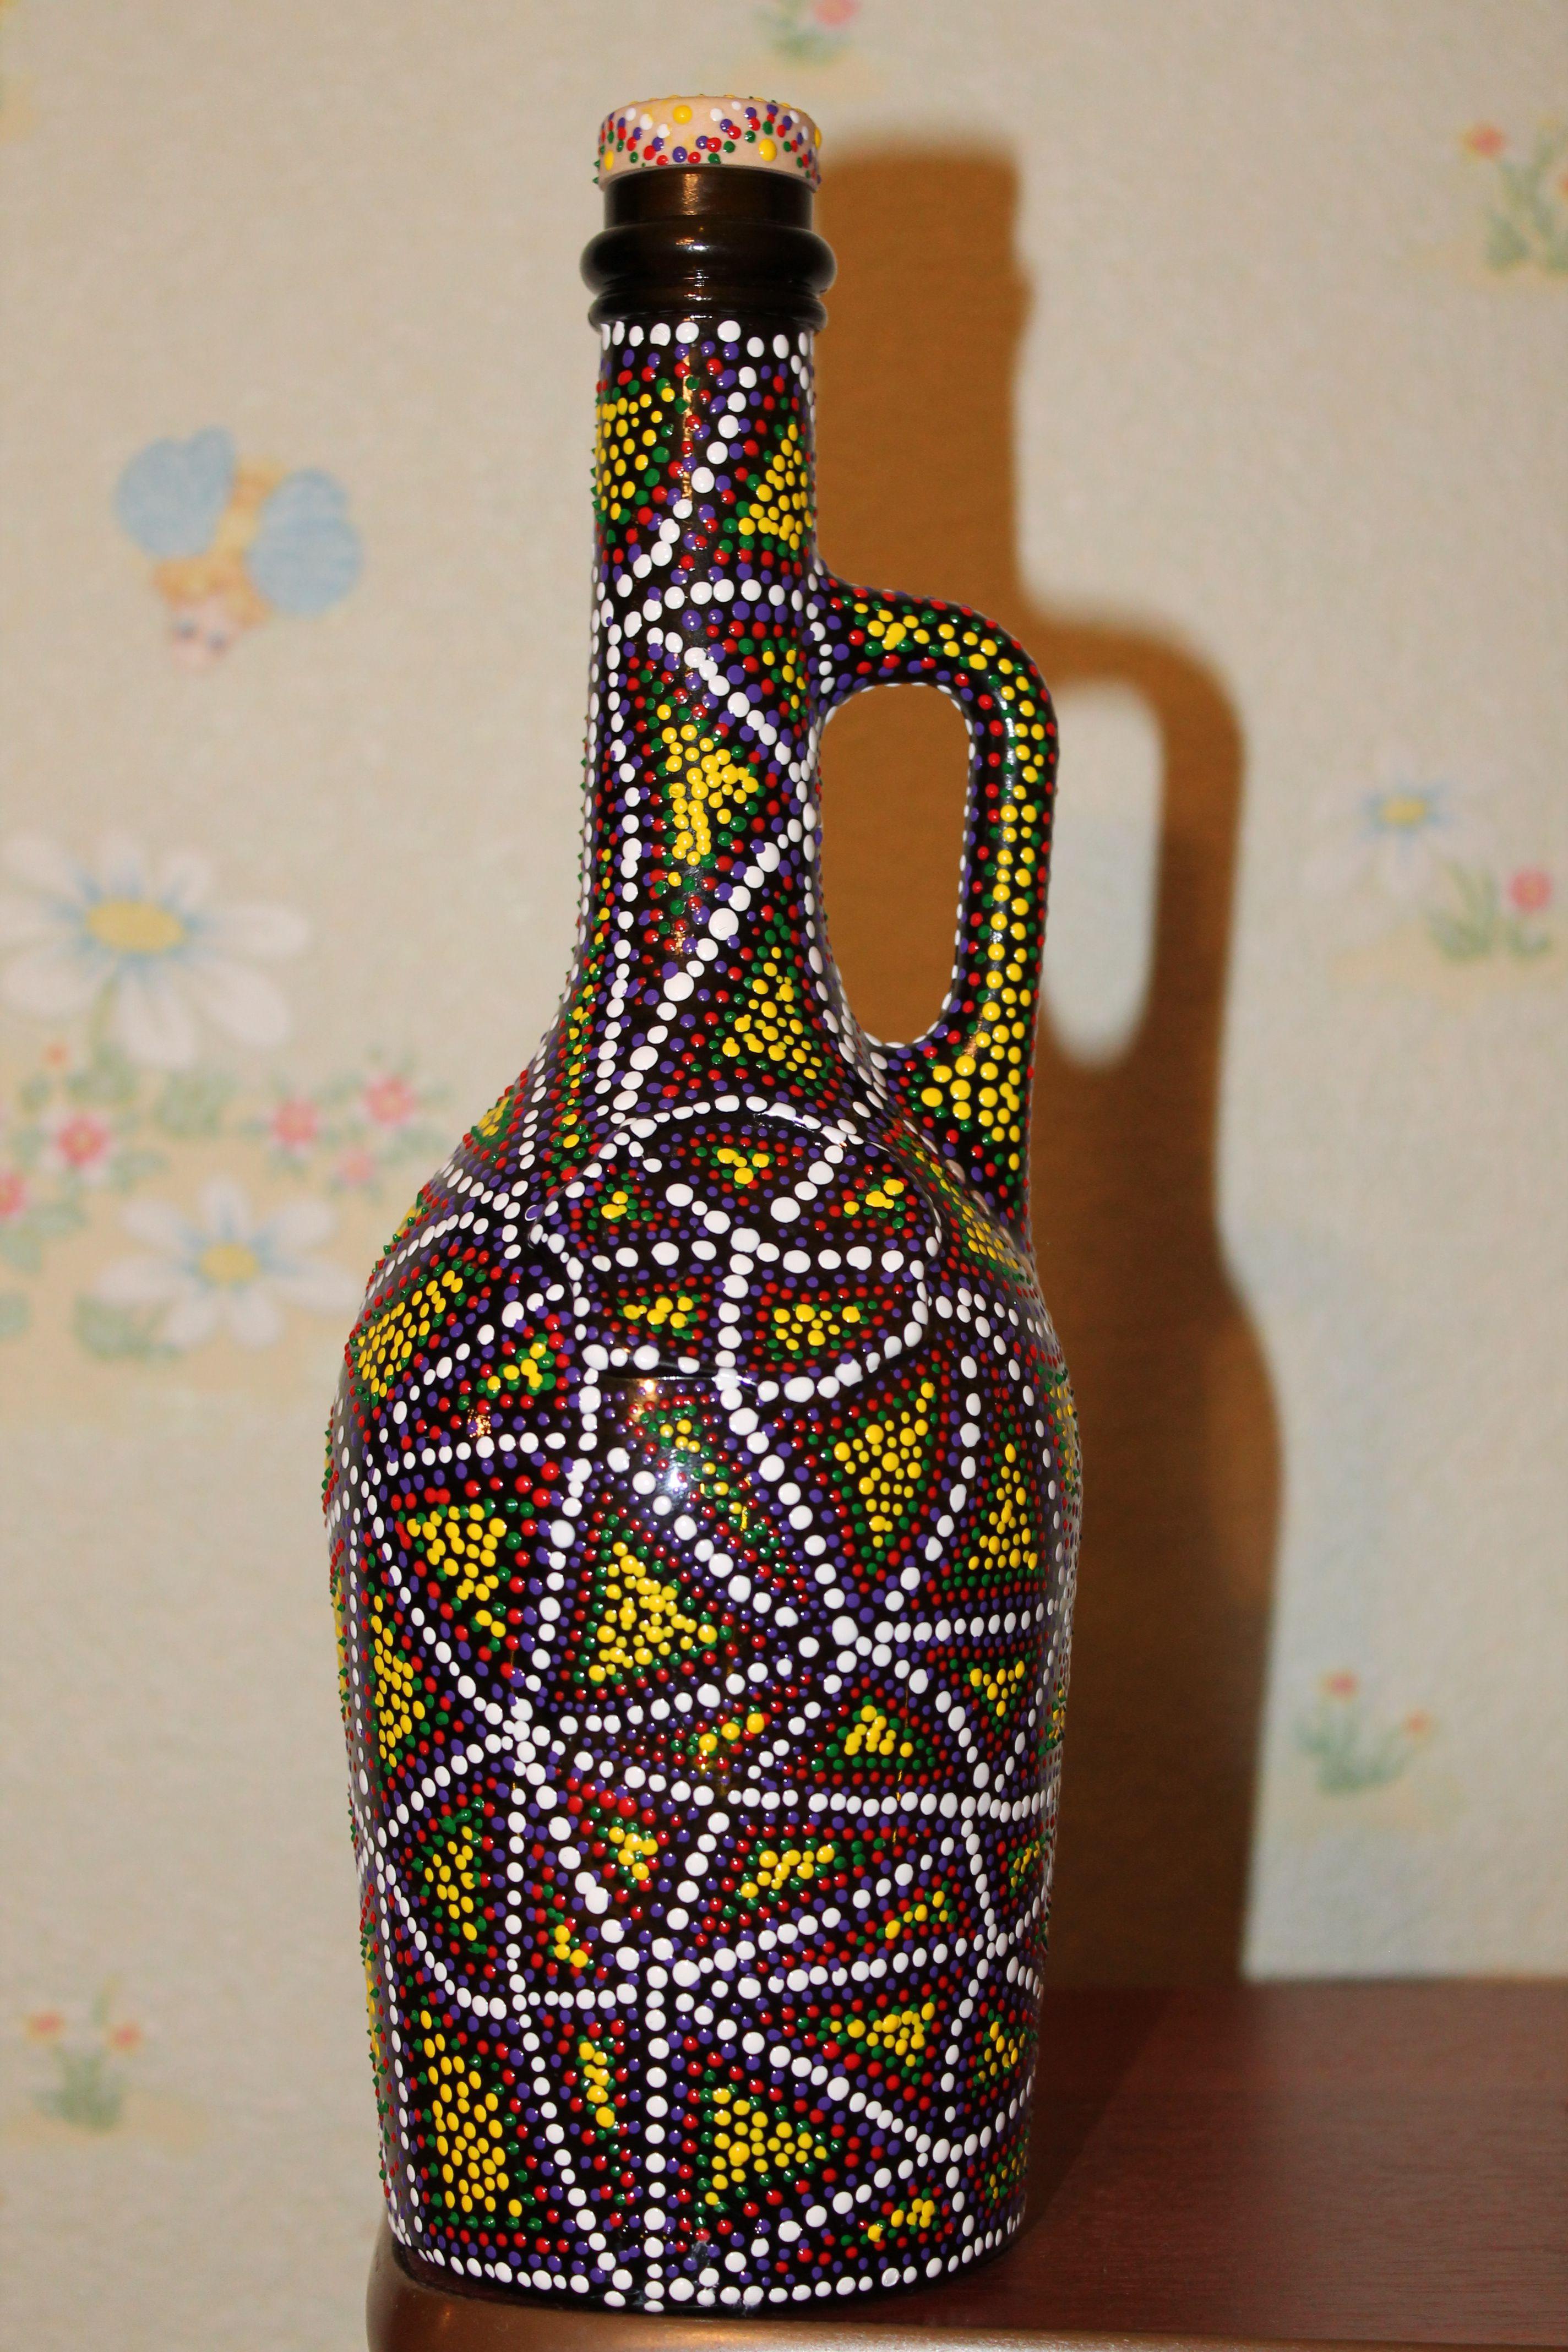 декор точечнаяроспись бутылка предметыинтерьера подаркиручнойработы росписьбутылки коллекционирование декорированнаябутылка